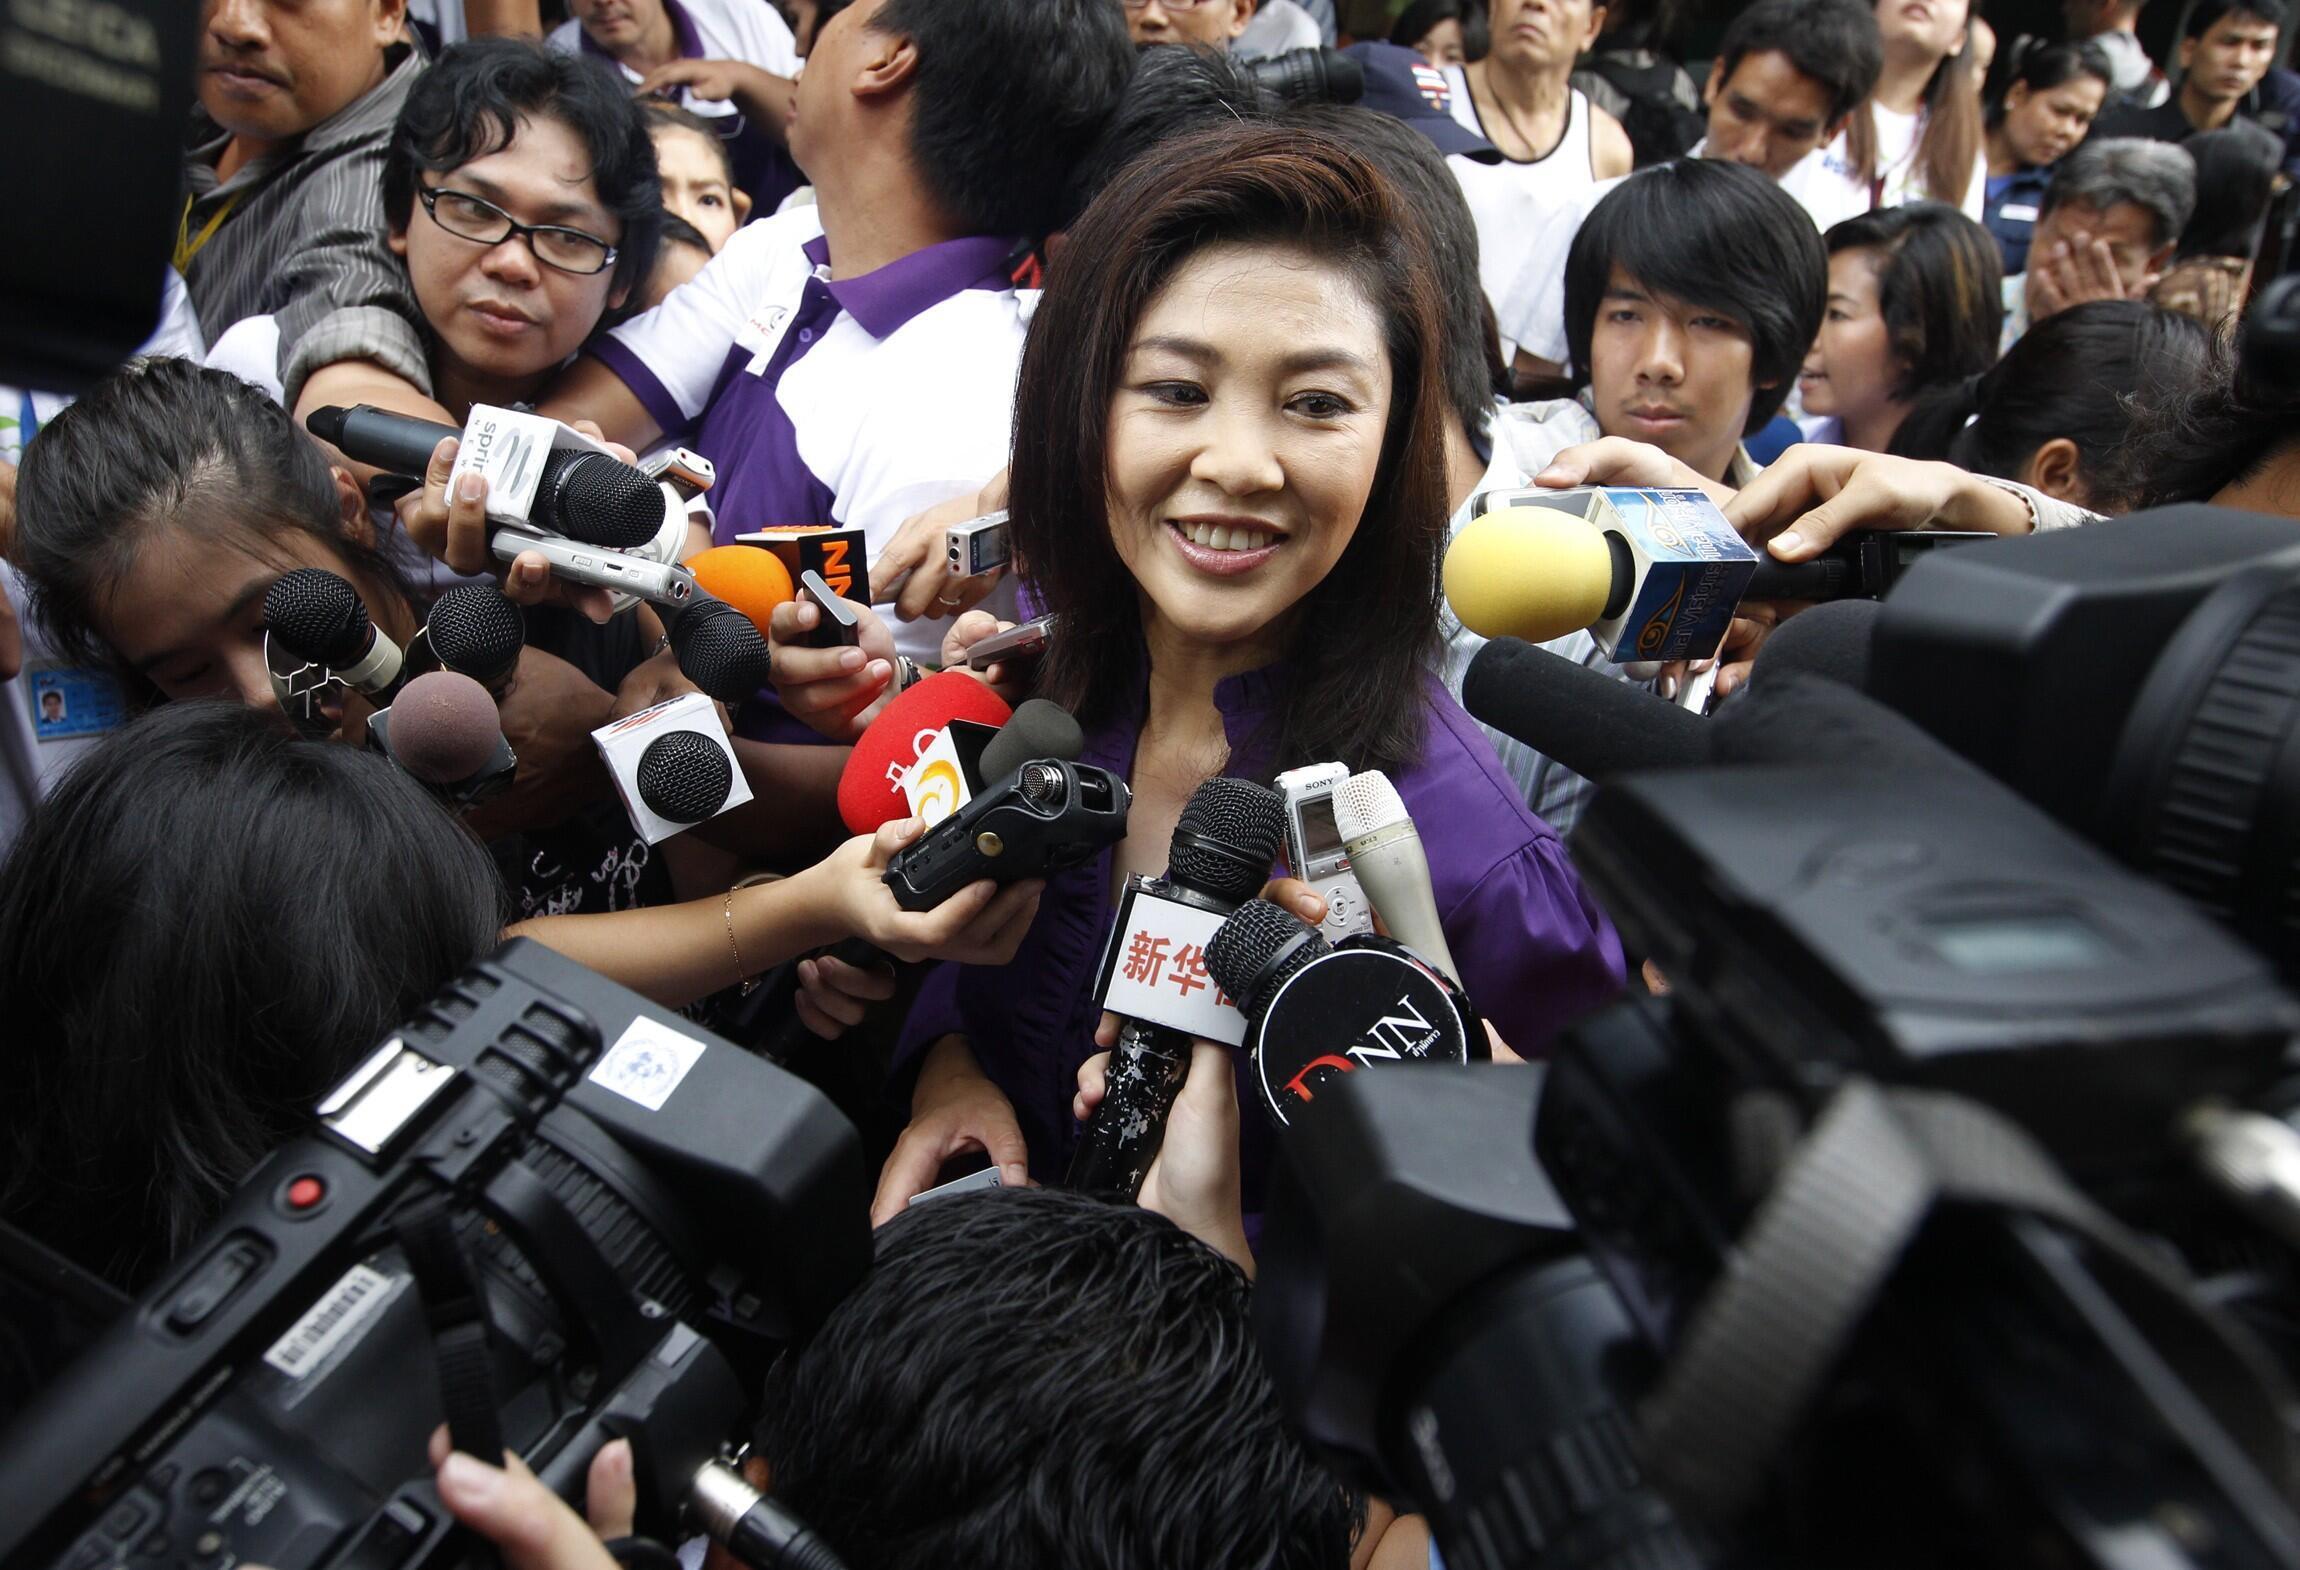 Yingluck Shinawatra mshindi wa kiti cha uwaziri mkuu wa Thailand